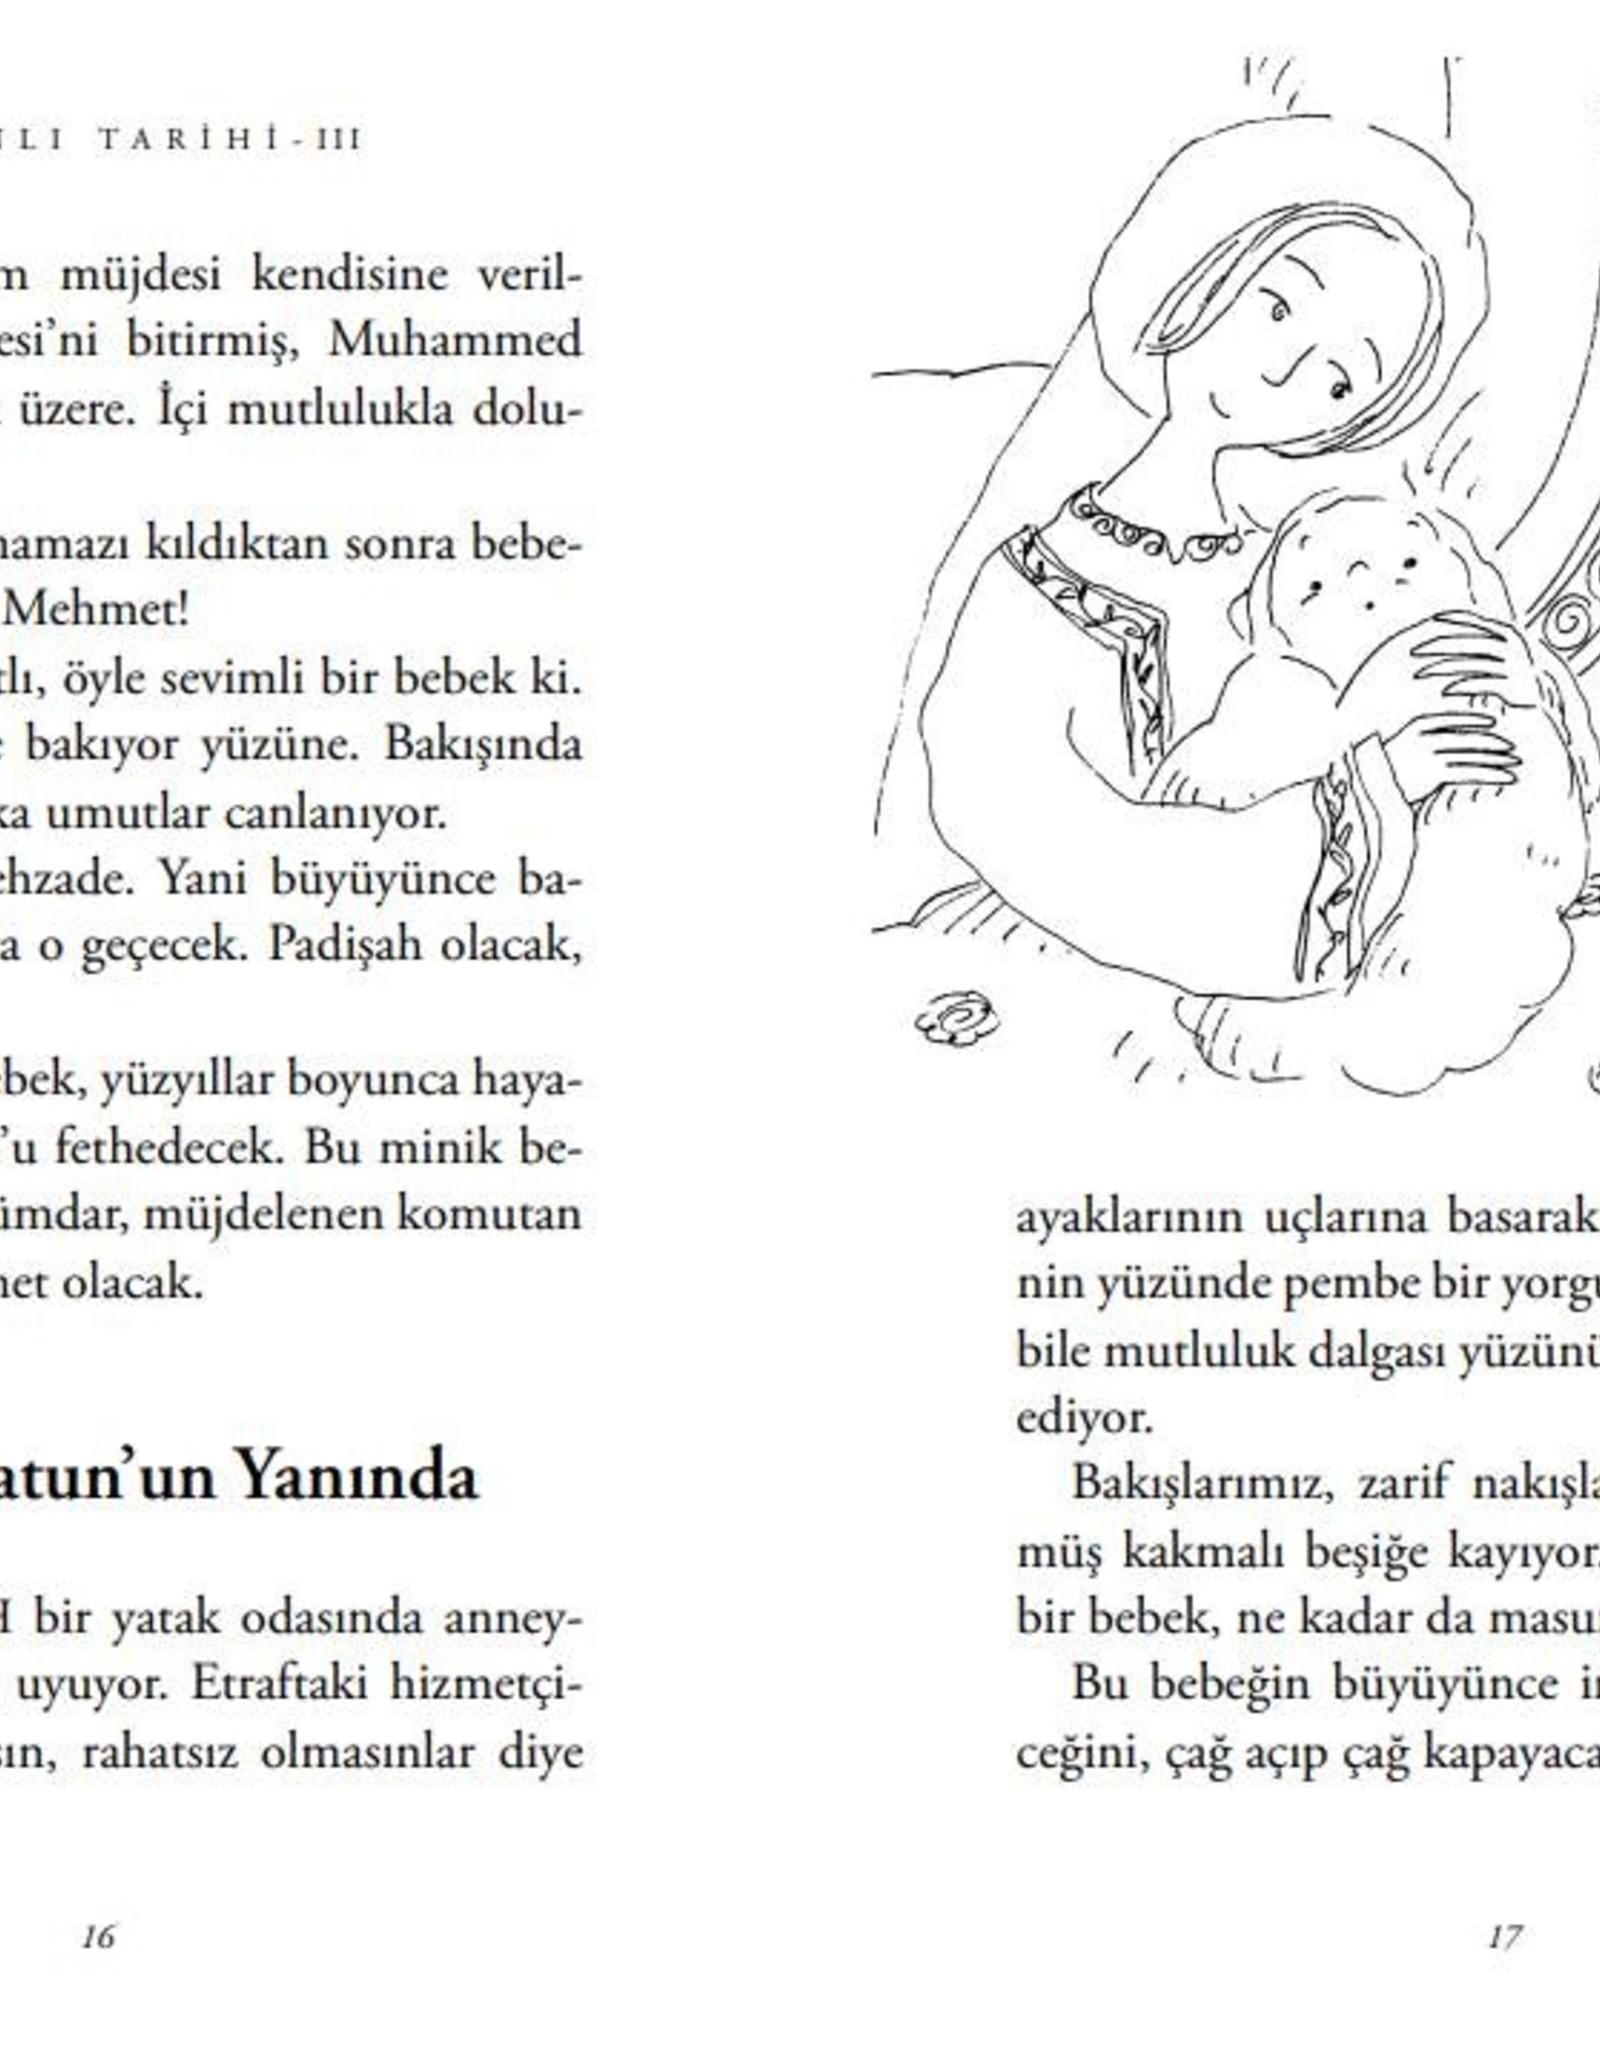 Osmanlı Tarihi 3 Fatih Sultan Mehmet Dönemi ve Istanbul'un Fethi